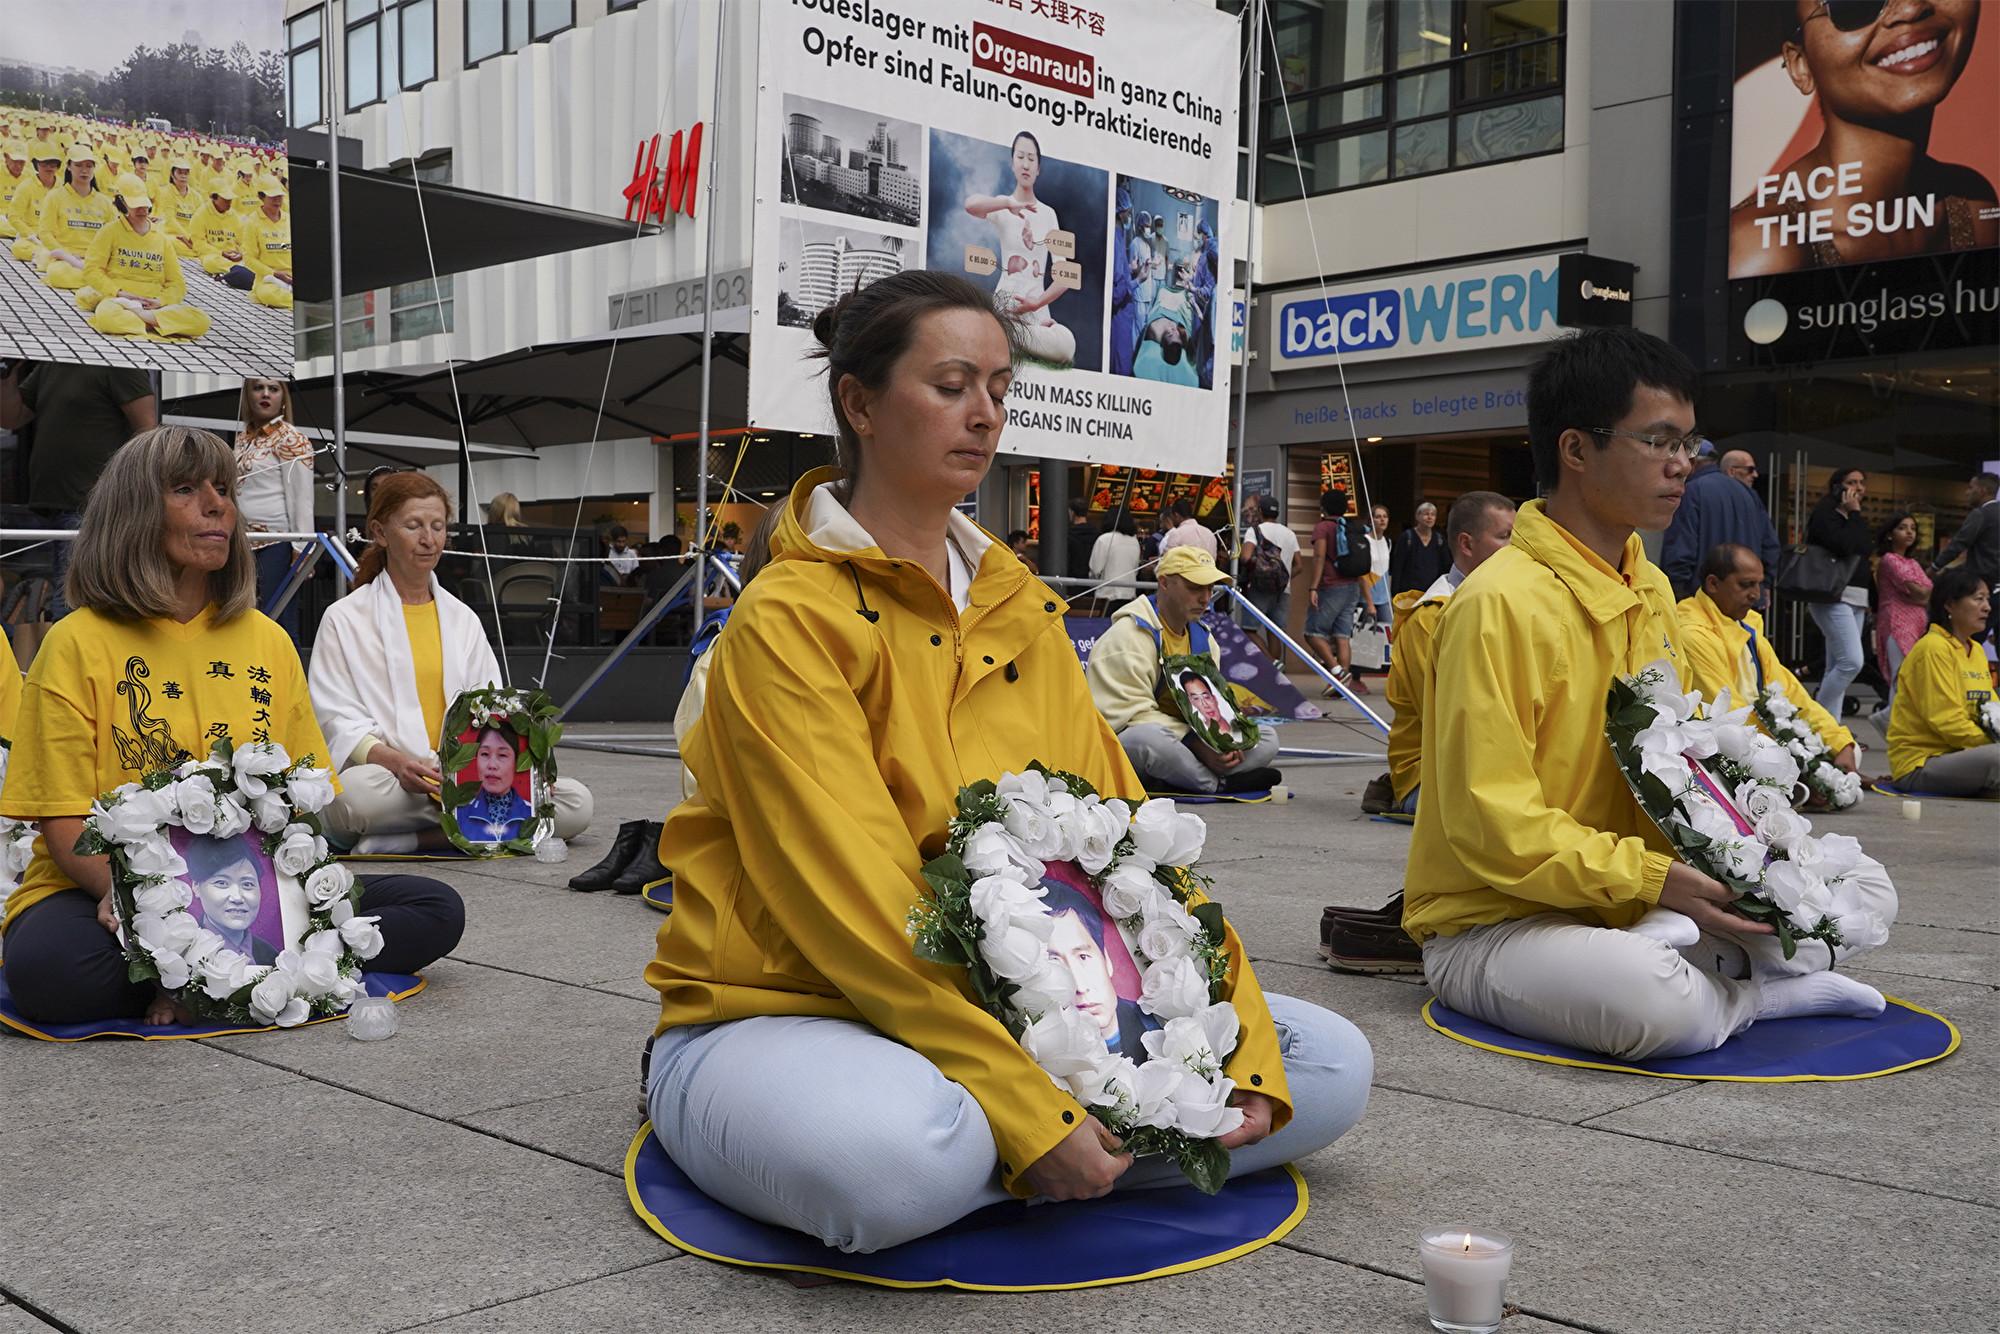 德國法輪功學員於2019年7月13日舉辦燭光守夜活動,悼念在中國被迫害致死的法輪功學員。(明慧網)